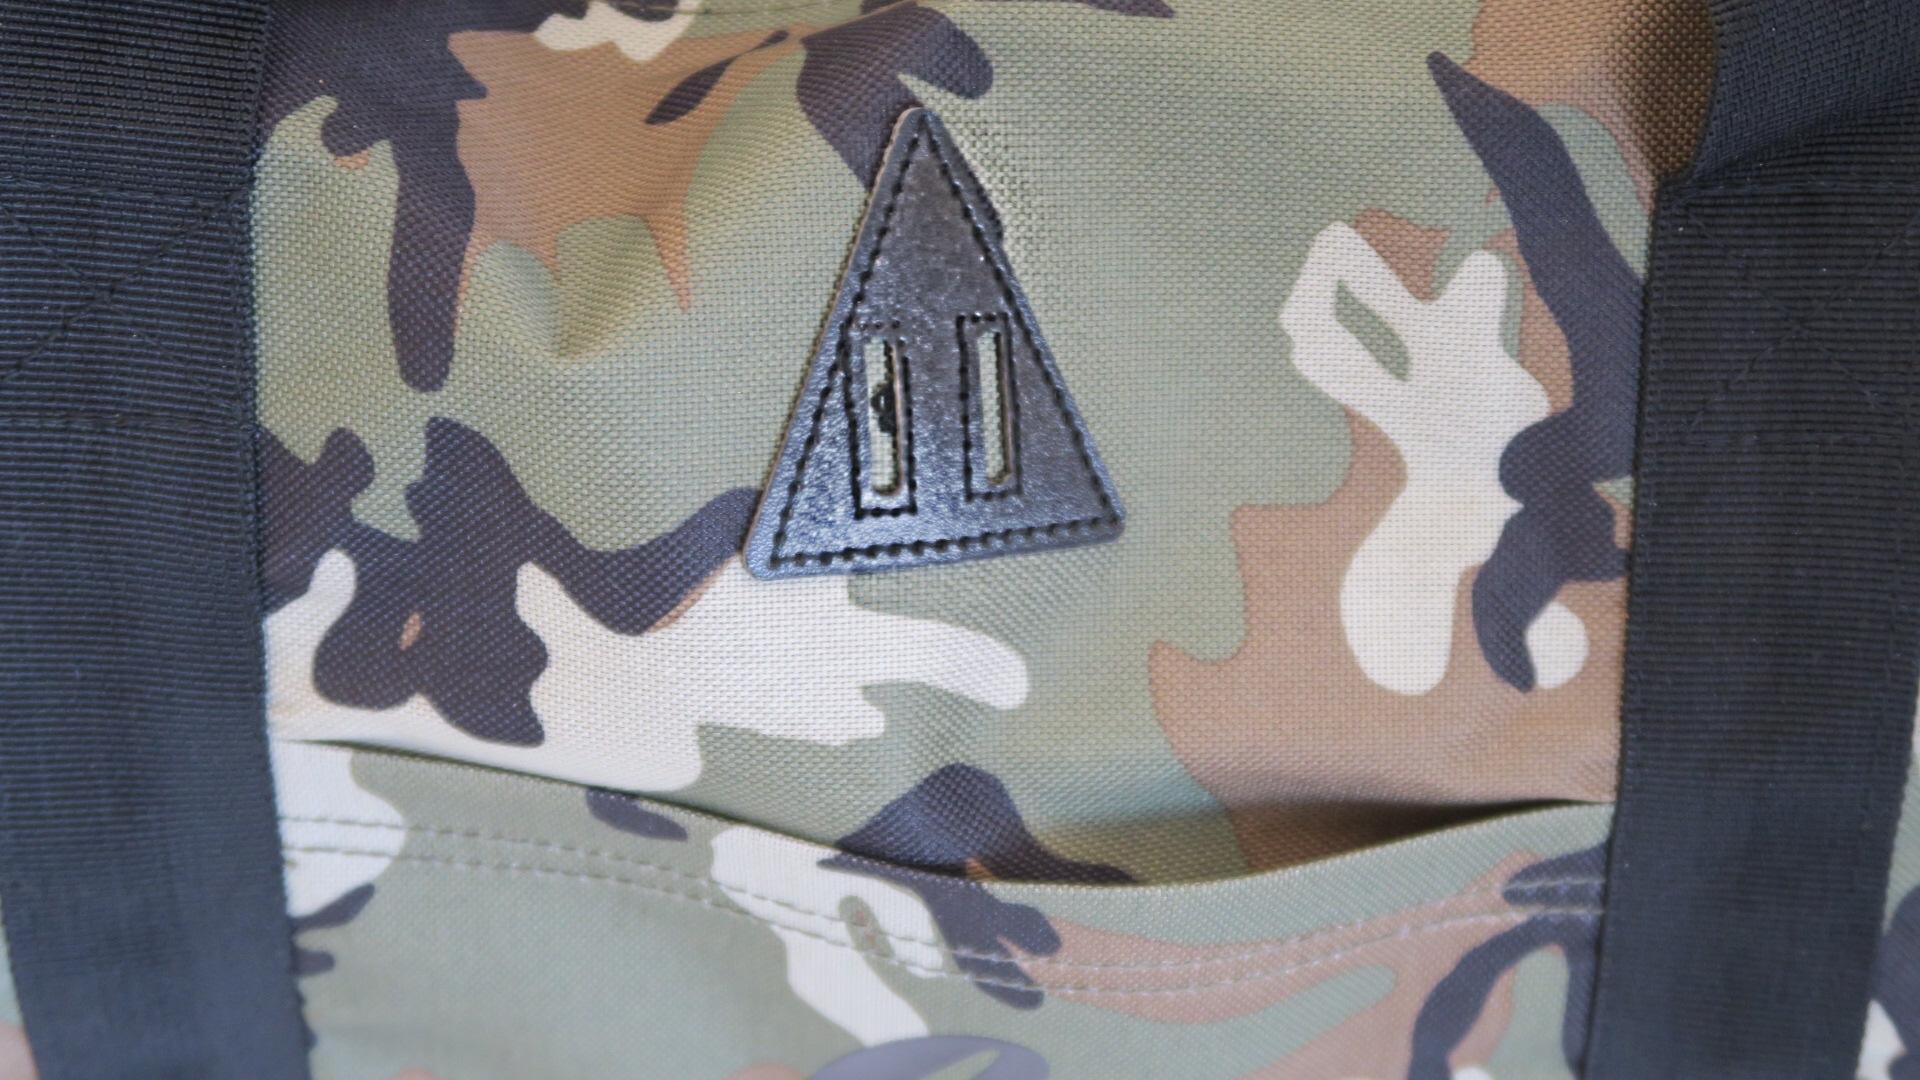 c32e42e37f75 ...  FOC  ARMY FATIGUE Duffle Bag